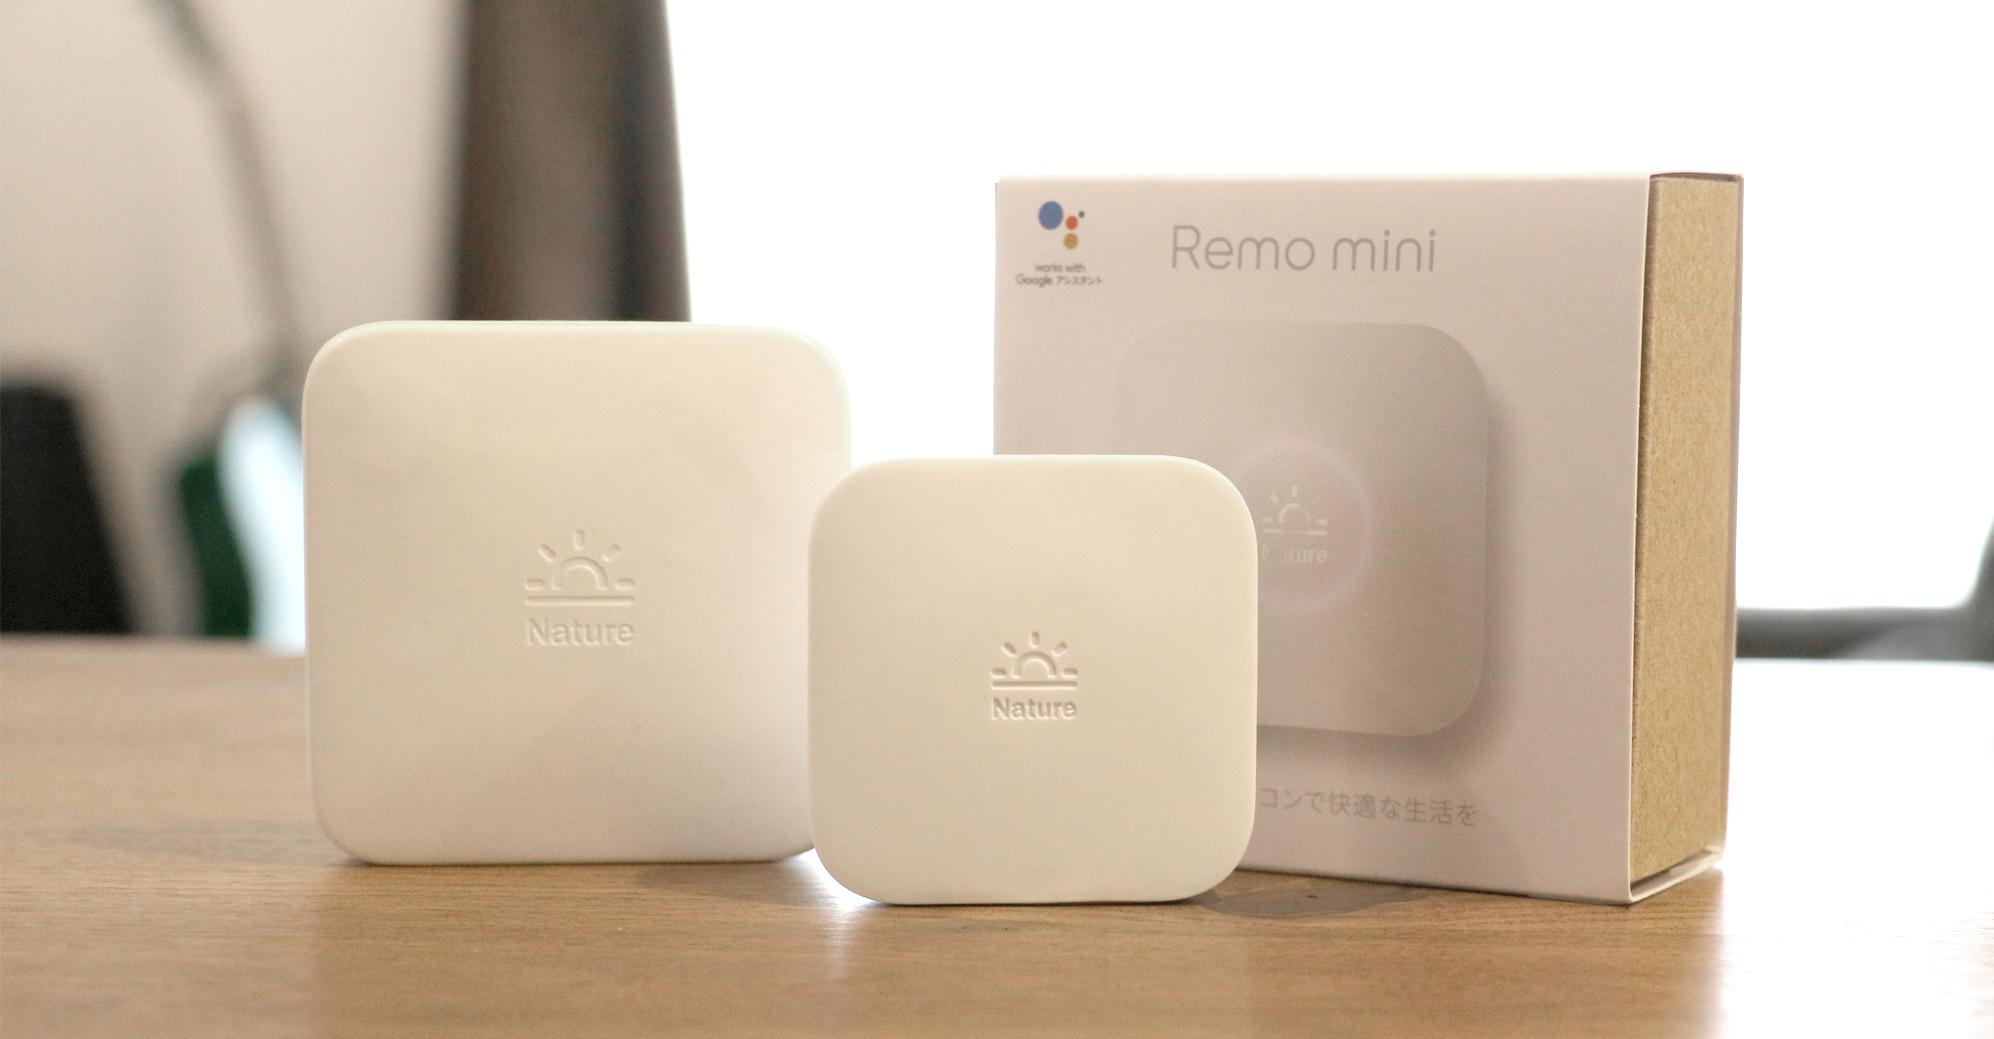 既存の家電製品をスマートホーム化できるスマートリモコン「Natue Remo」におけるGoを用いたバックエンド開発